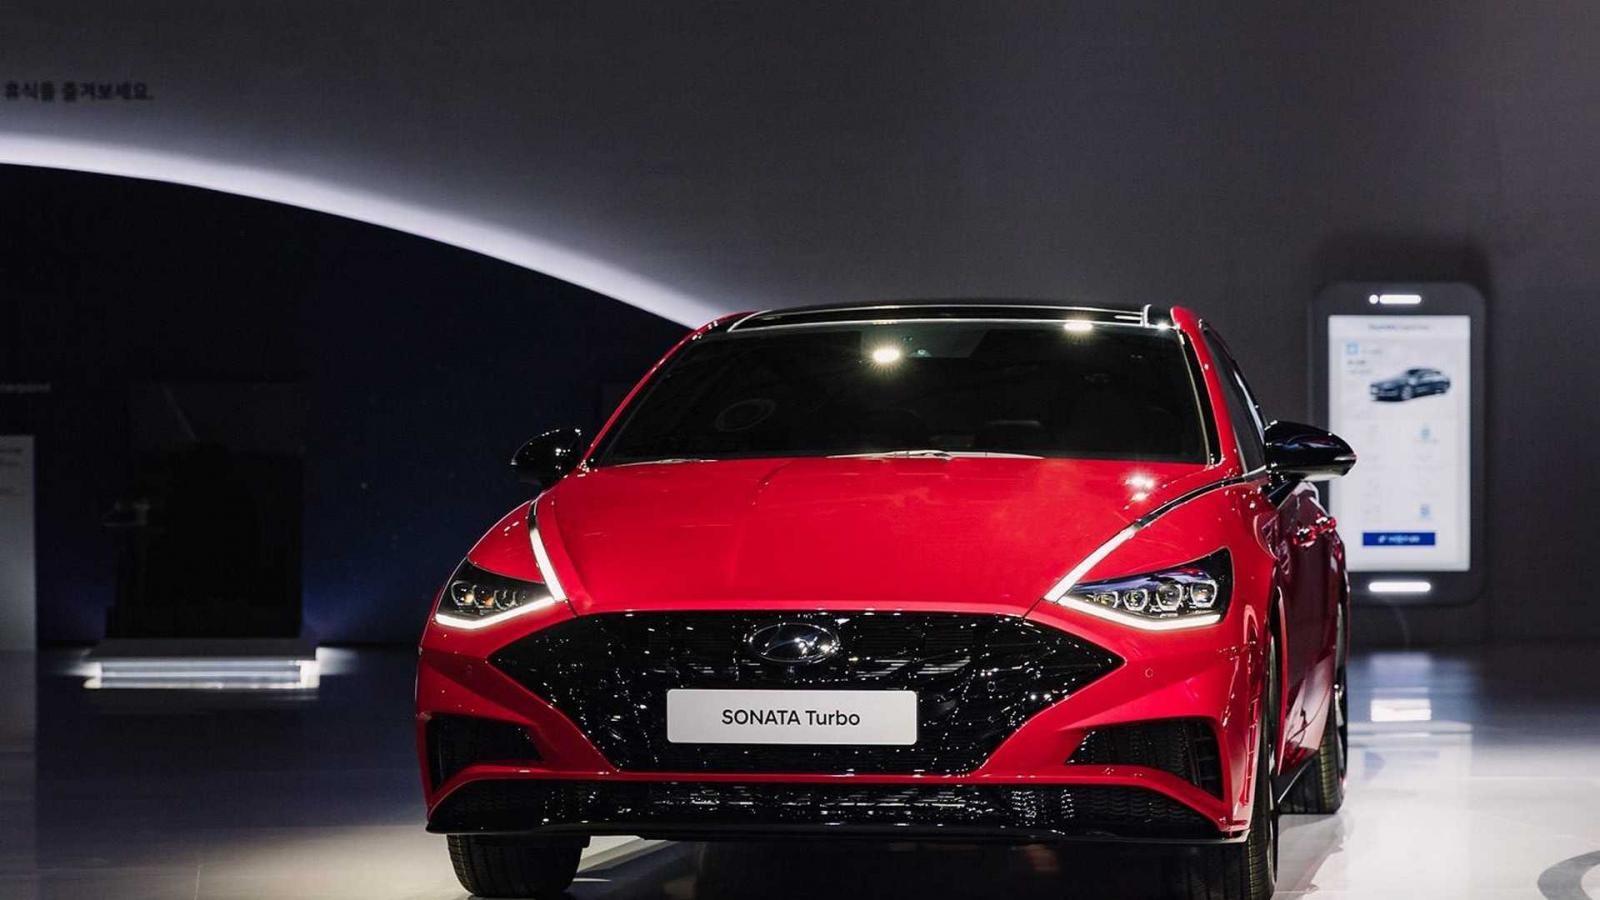 Hyundai Sonata 1.6 Turbo 2020 có thiết kế đầu xe thể thao hơn các phiên bản còn lại